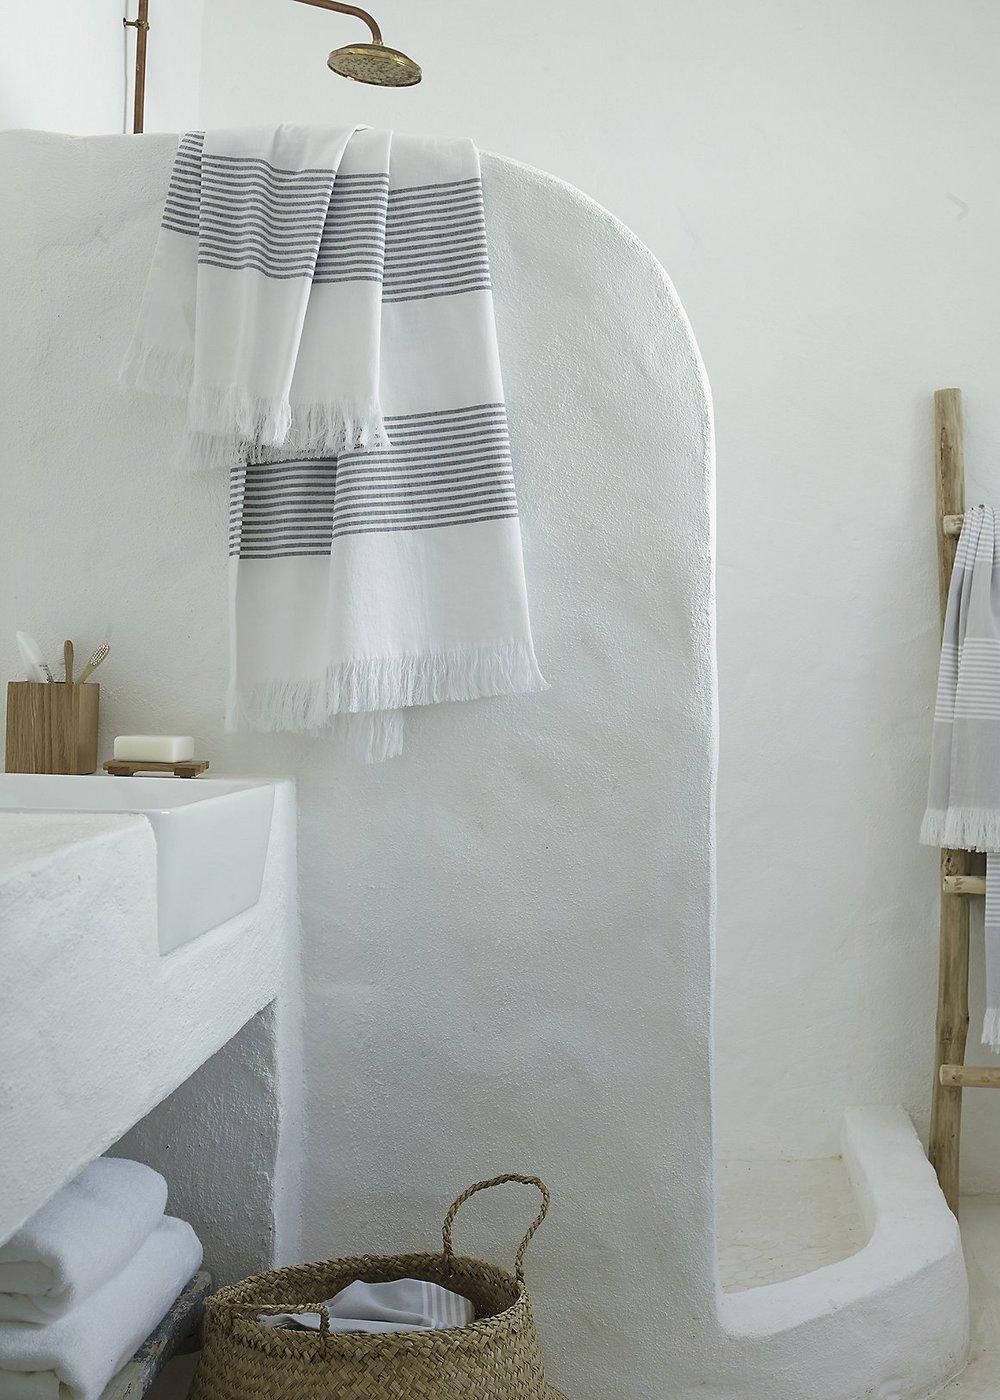 Image:  White Company Almafi Hammam Towels